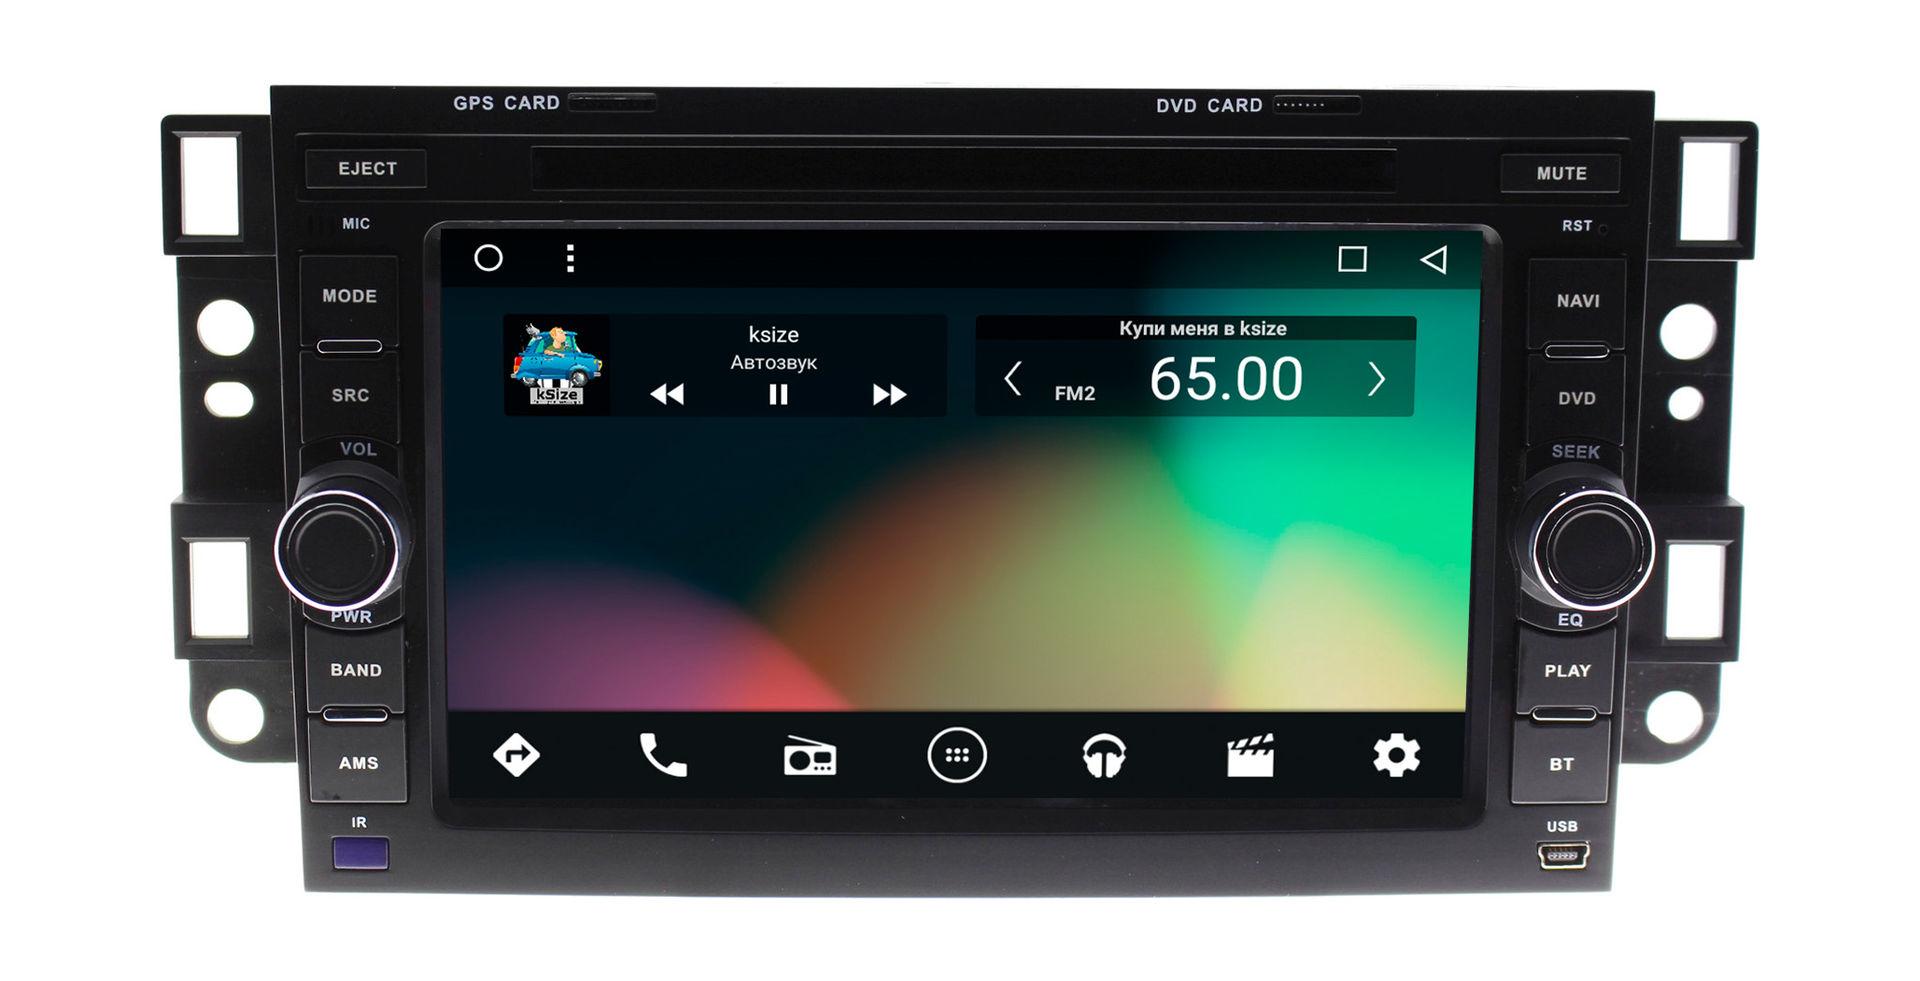 Штатная магнитола Wide Media WM-VS7A706NB-2/16-RP-CVLV-58 для Chevrolet Aveo I, Captiva I, Epica I 2006-2012 Android 7.1.2 (+ Камера заднего вида в подарок!) штатная магнитола wide media wm vs7a706nb 2 16 rp chtg 46 для gaz газель next android 7 1 2